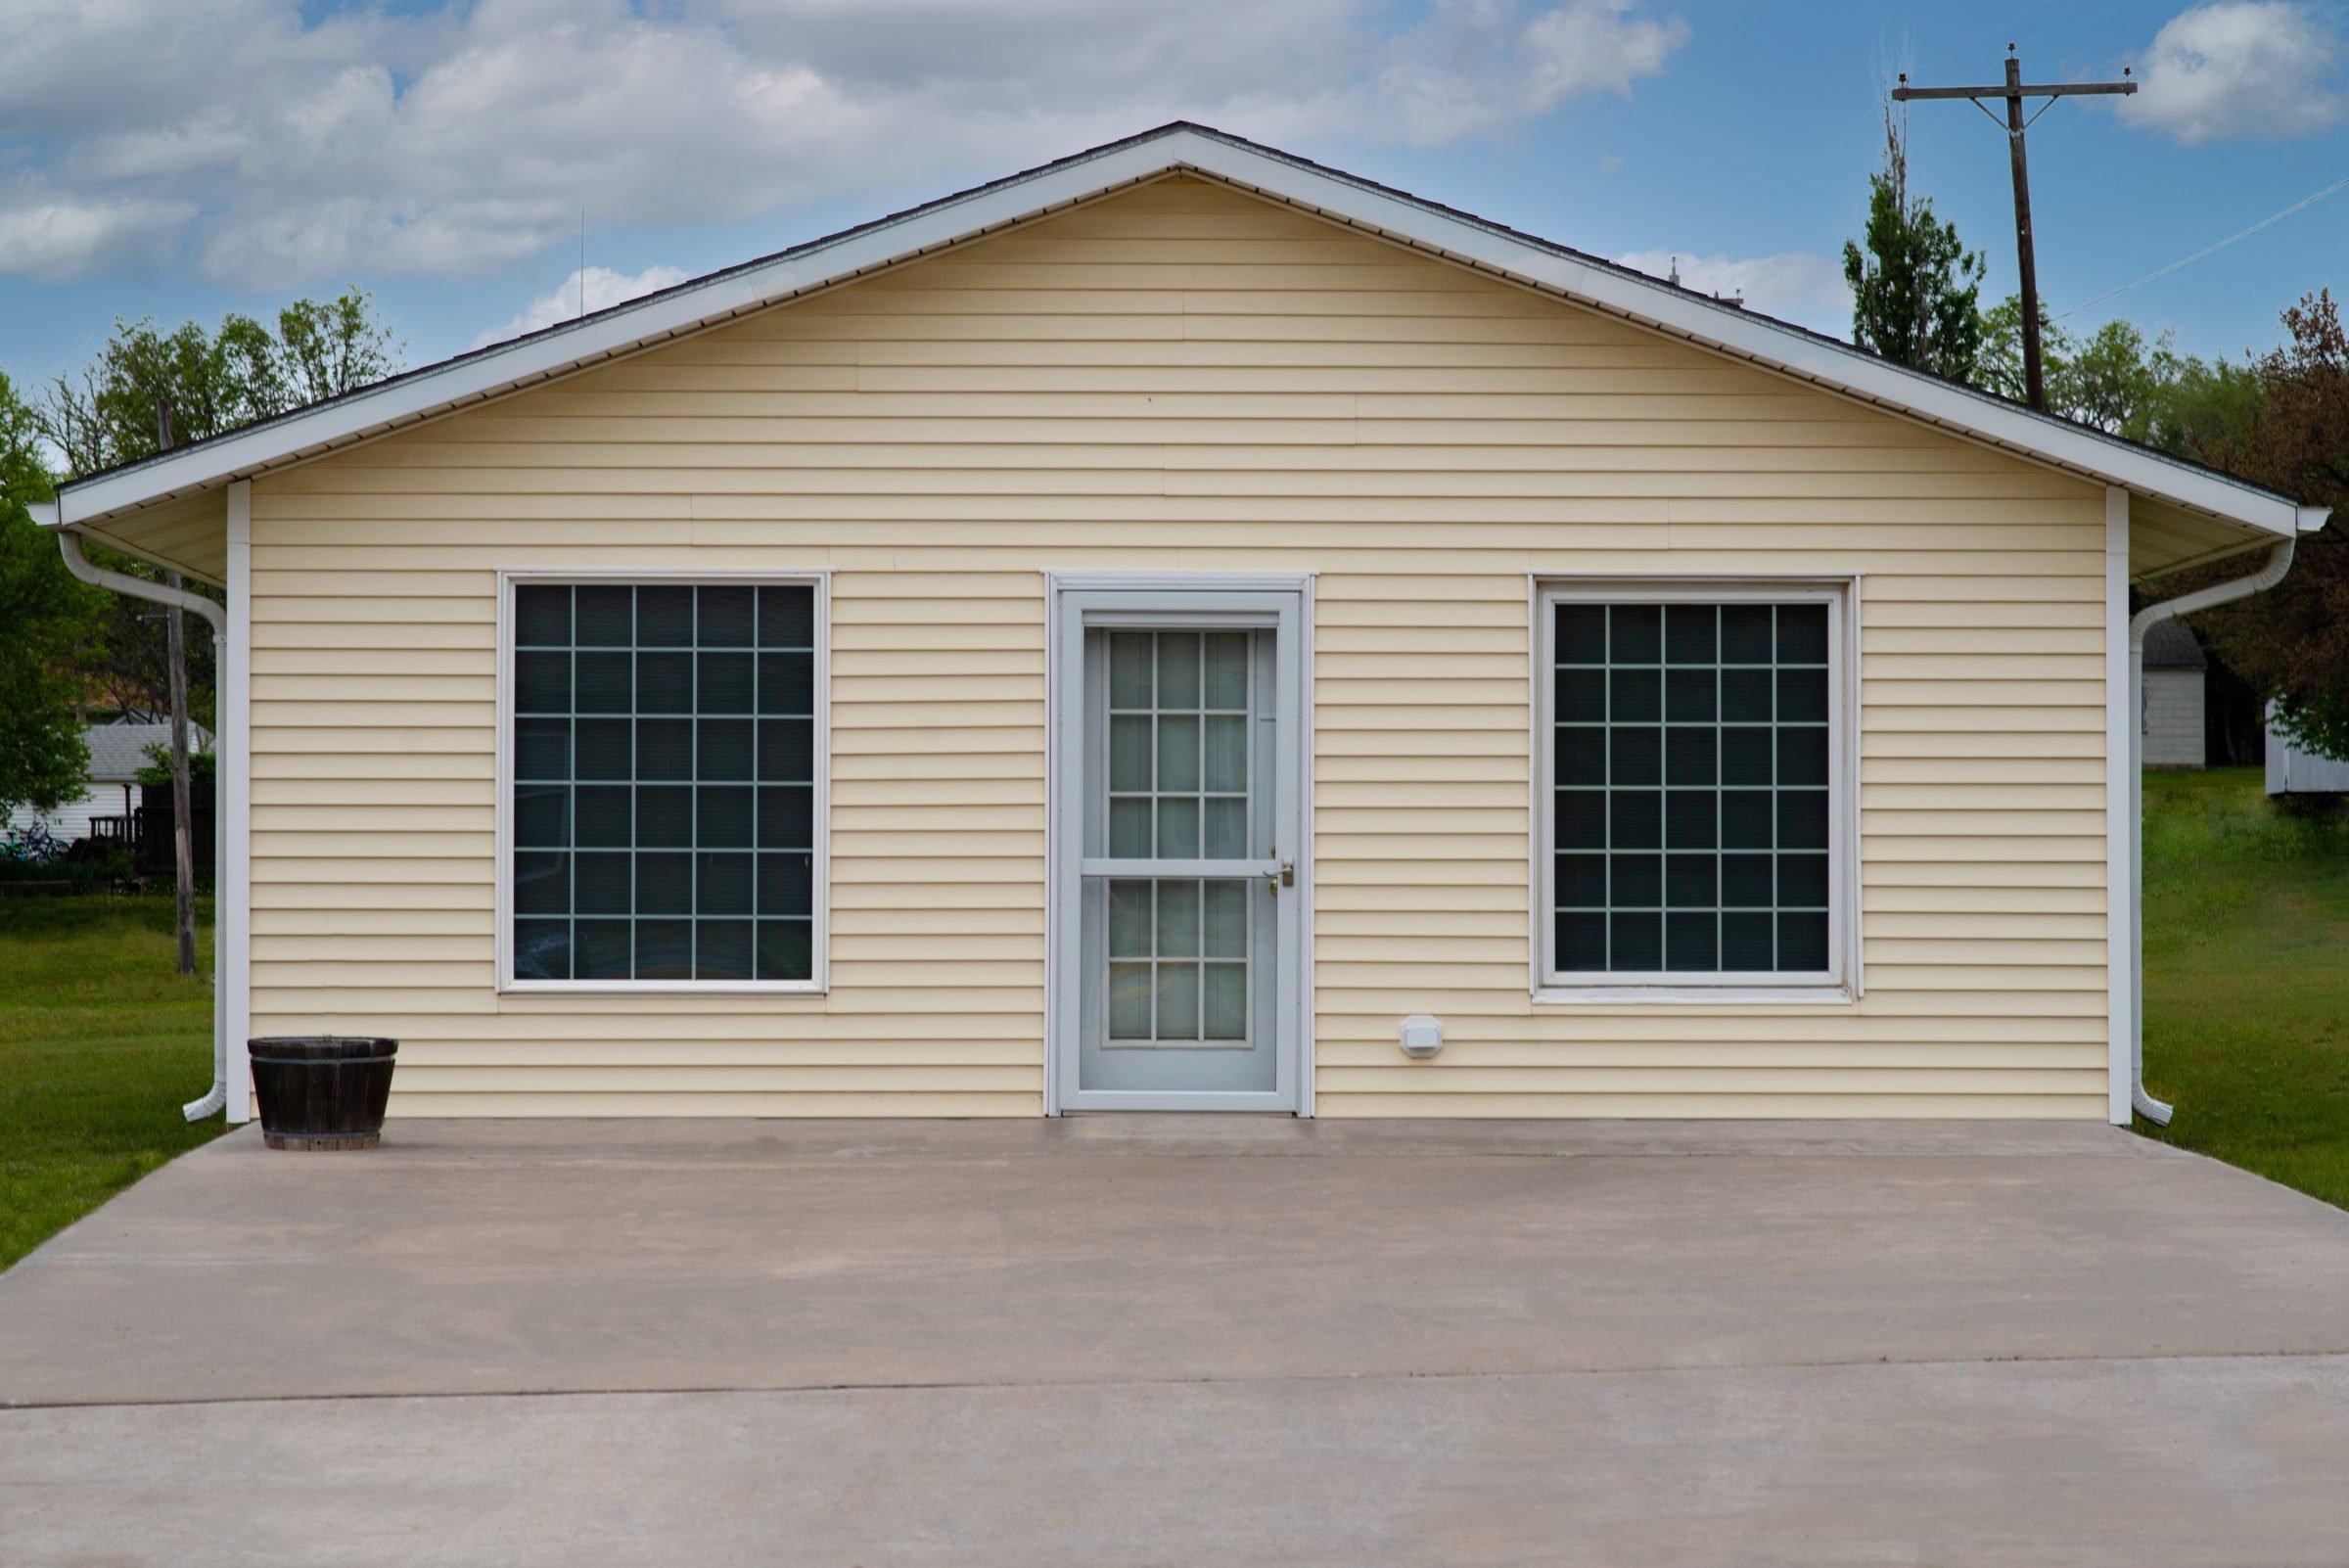 208 E North St in Lincoln, KS for sale